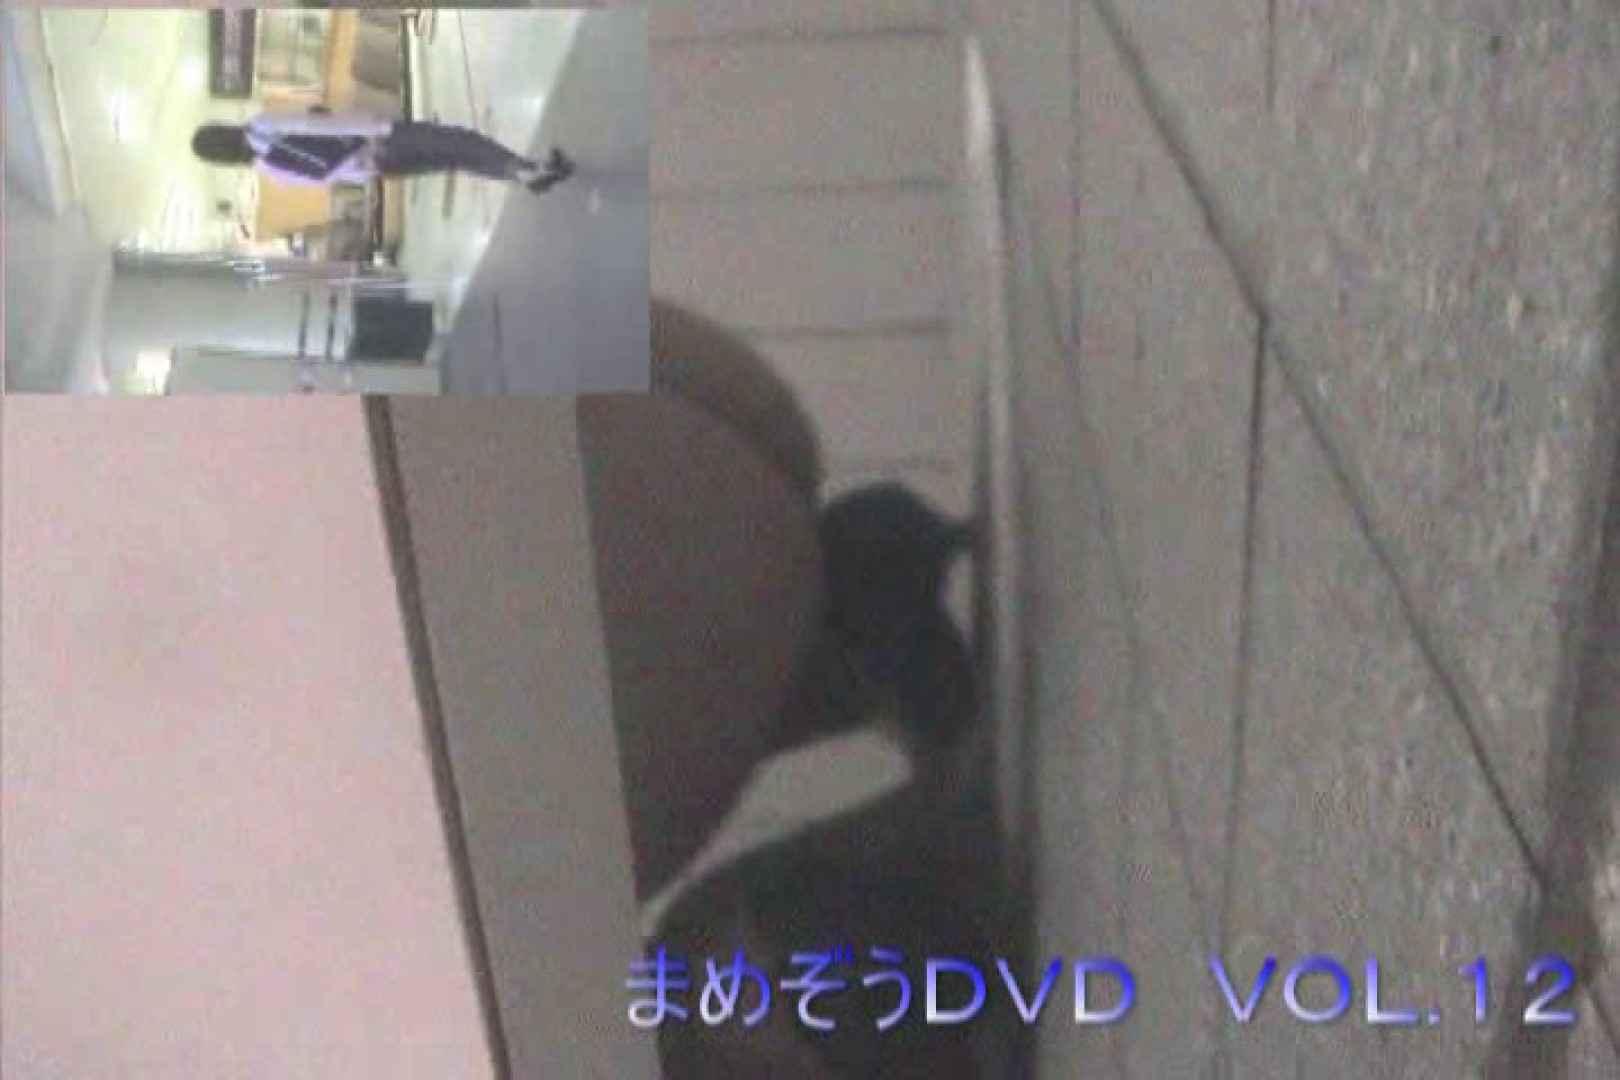 まめぞうDVD完全版VOL.12 ギャルズ | 洗面所シーン  83画像 39